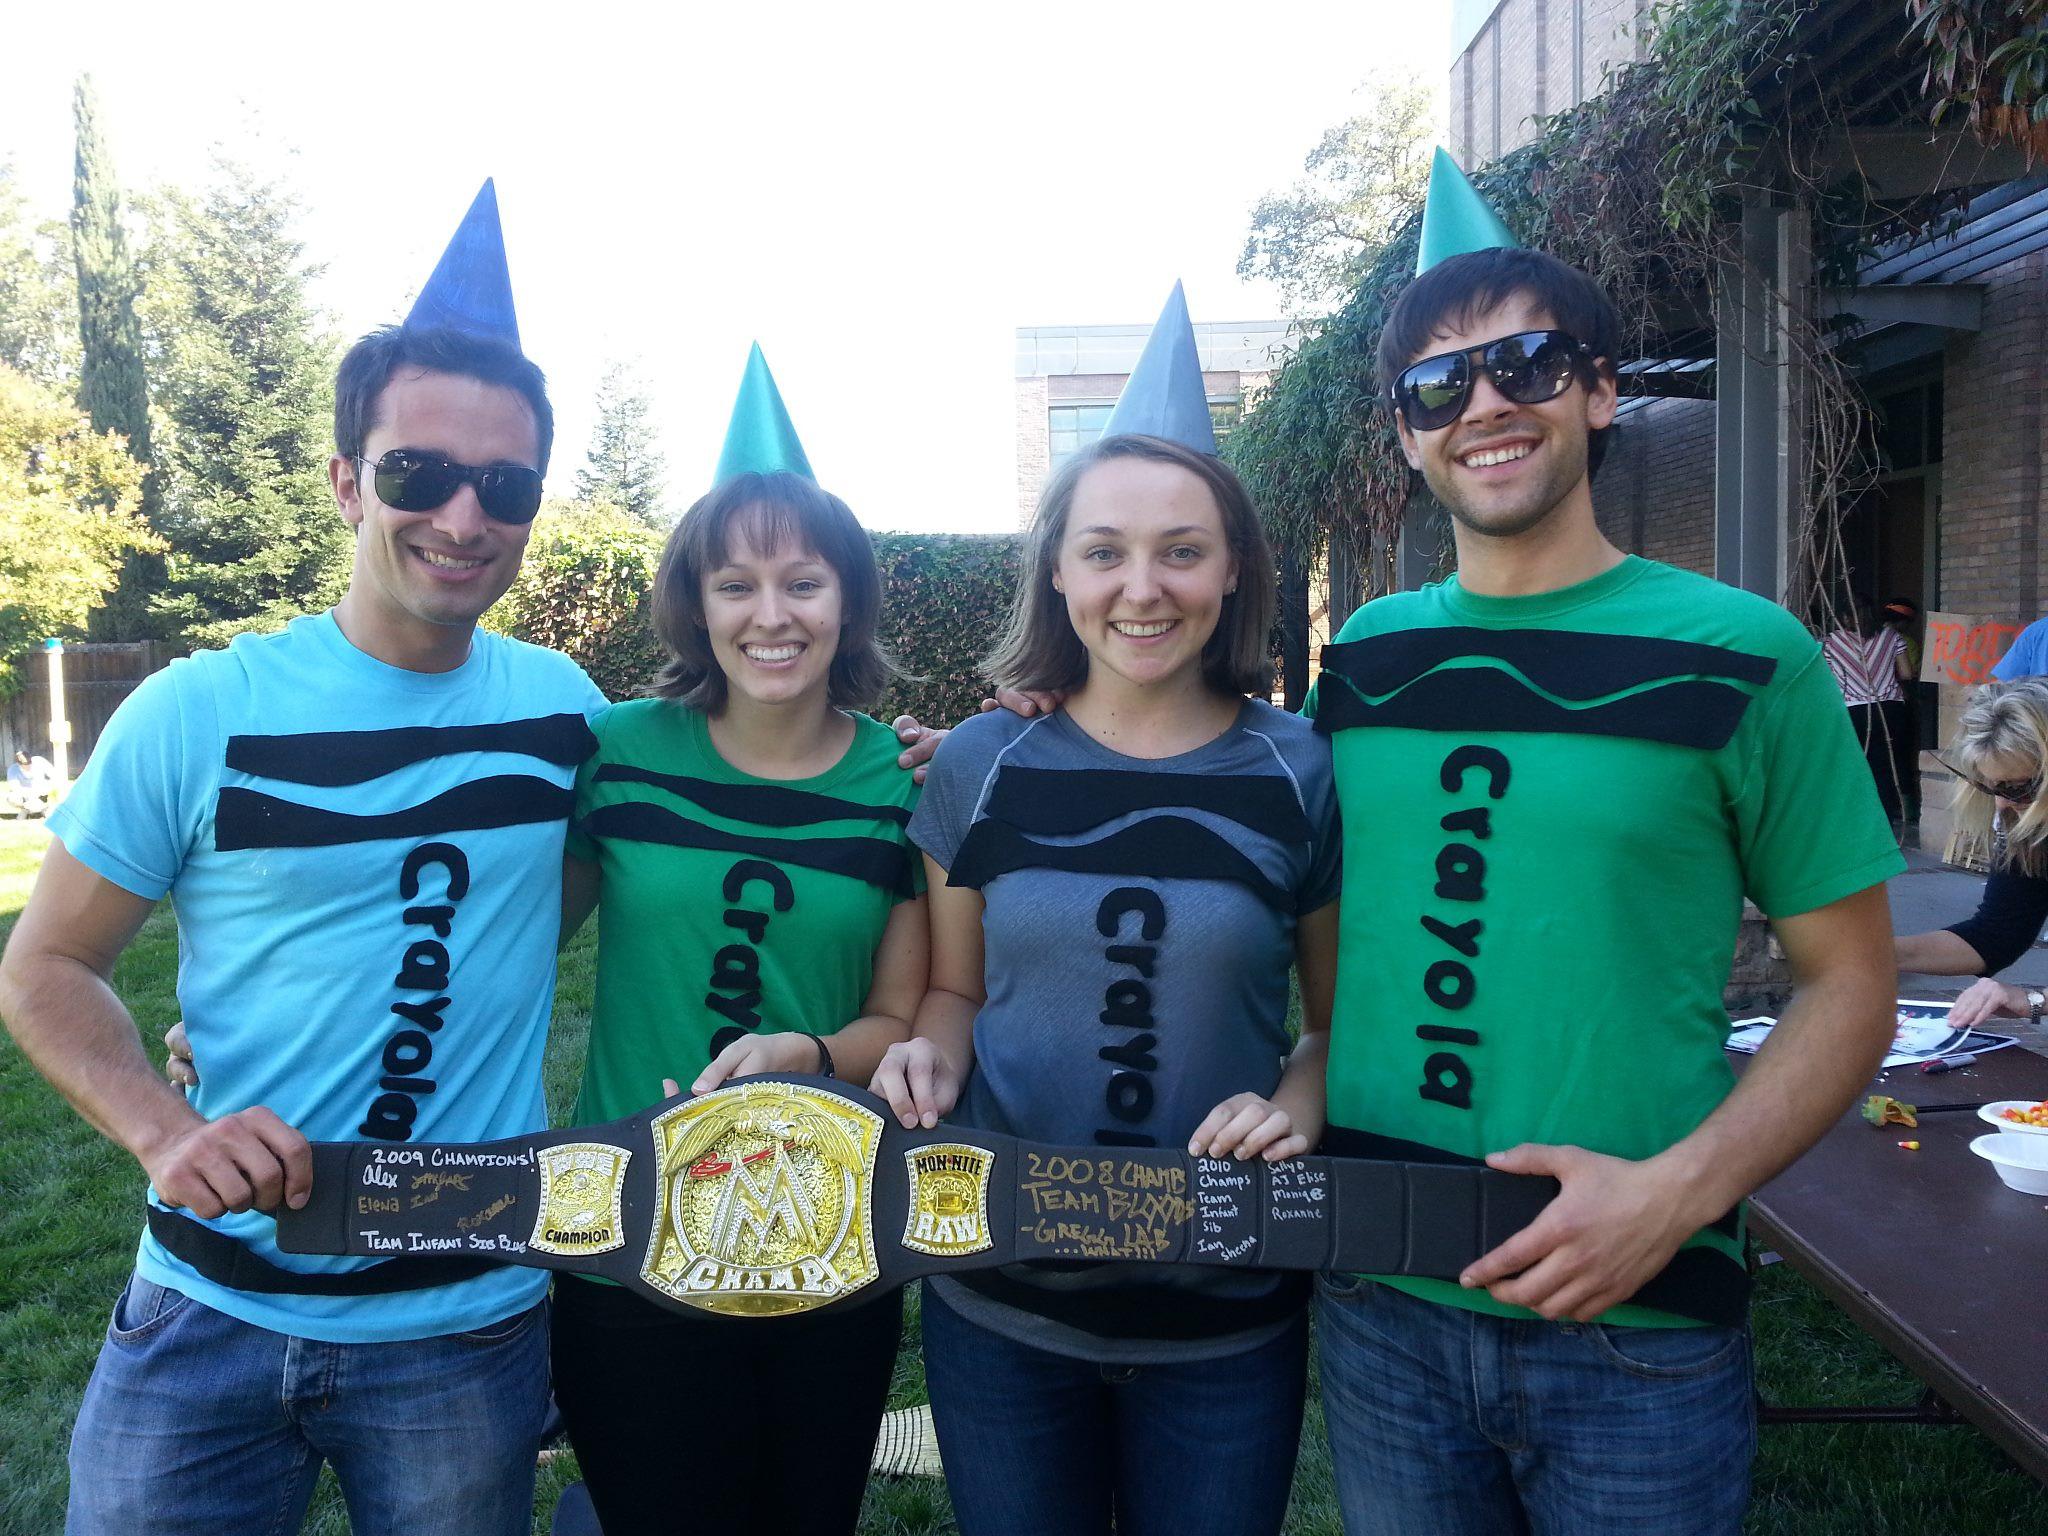 DIY Crayon Costume  Simply Crafty DIY Crayon Costume